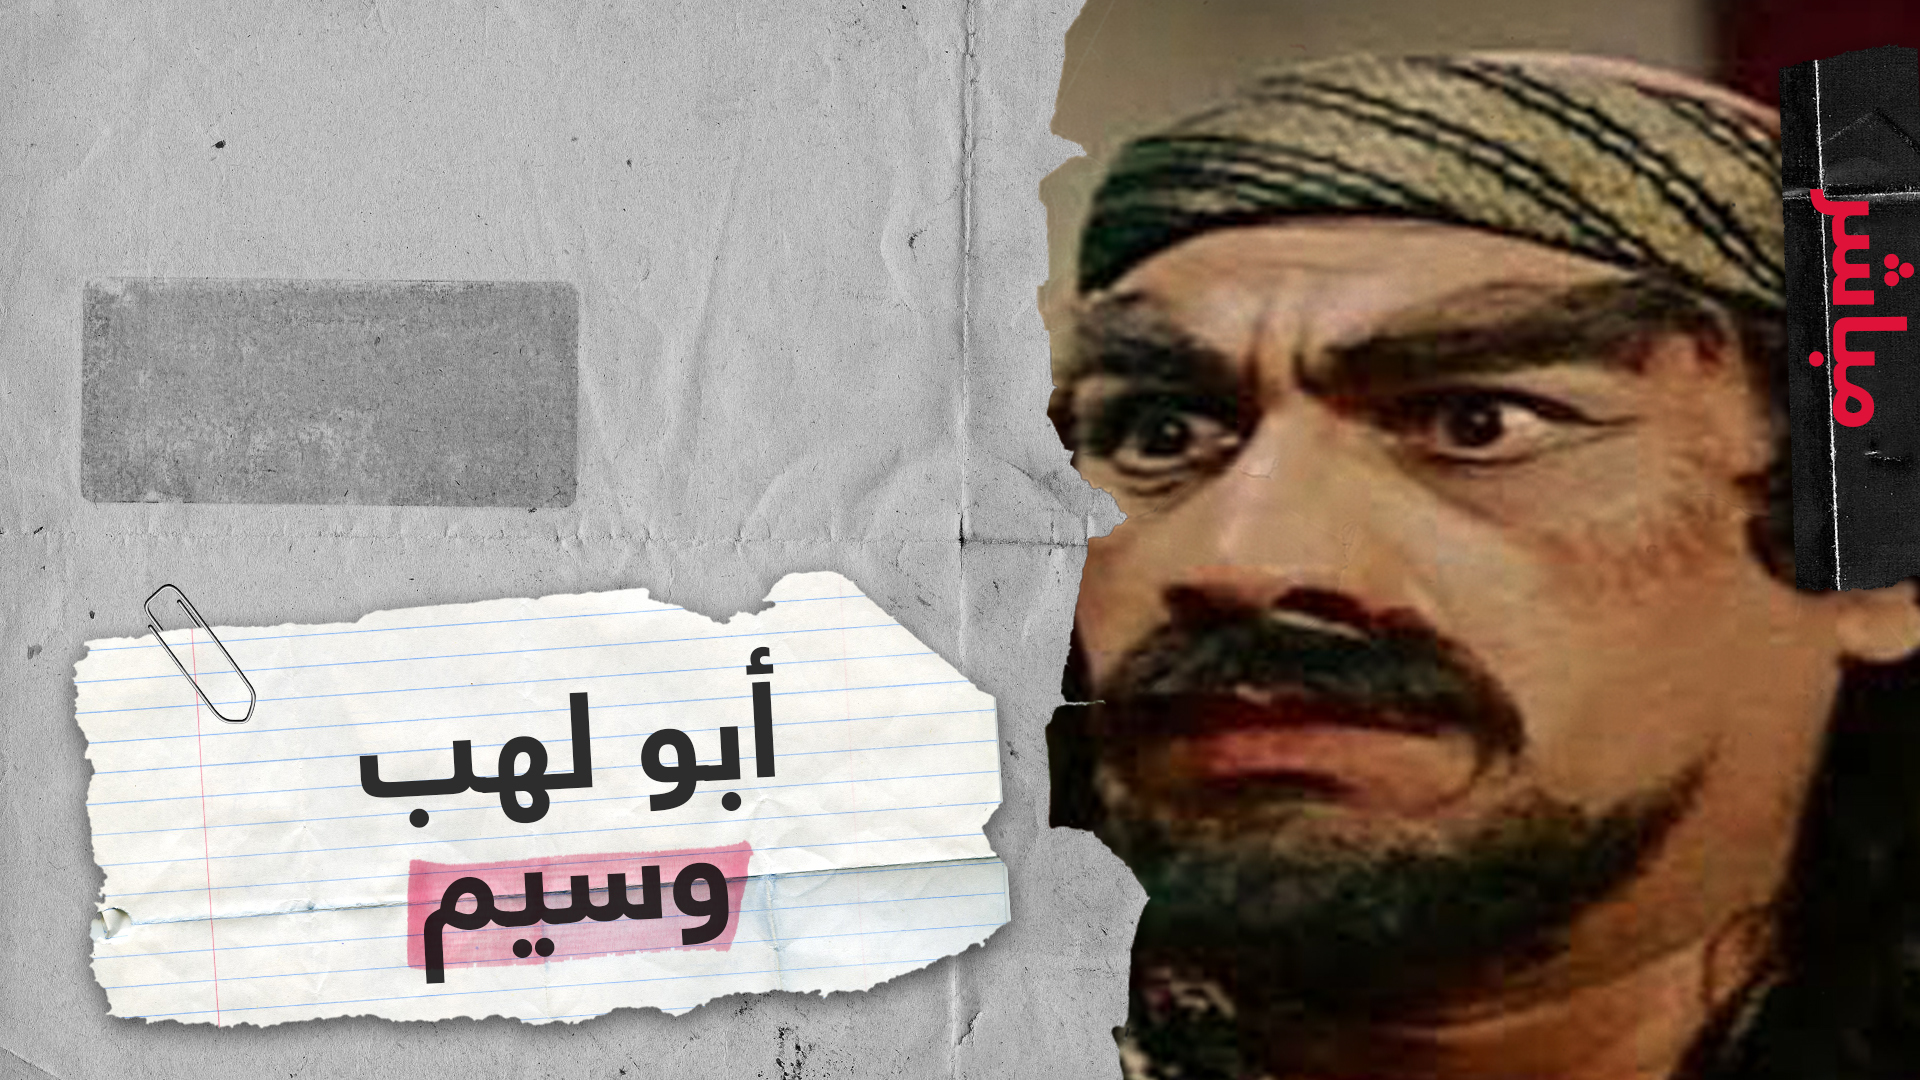 أبو لهب شخص وسيم إلا في الأفلام ما معايير السينما العربية في التشخيص؟